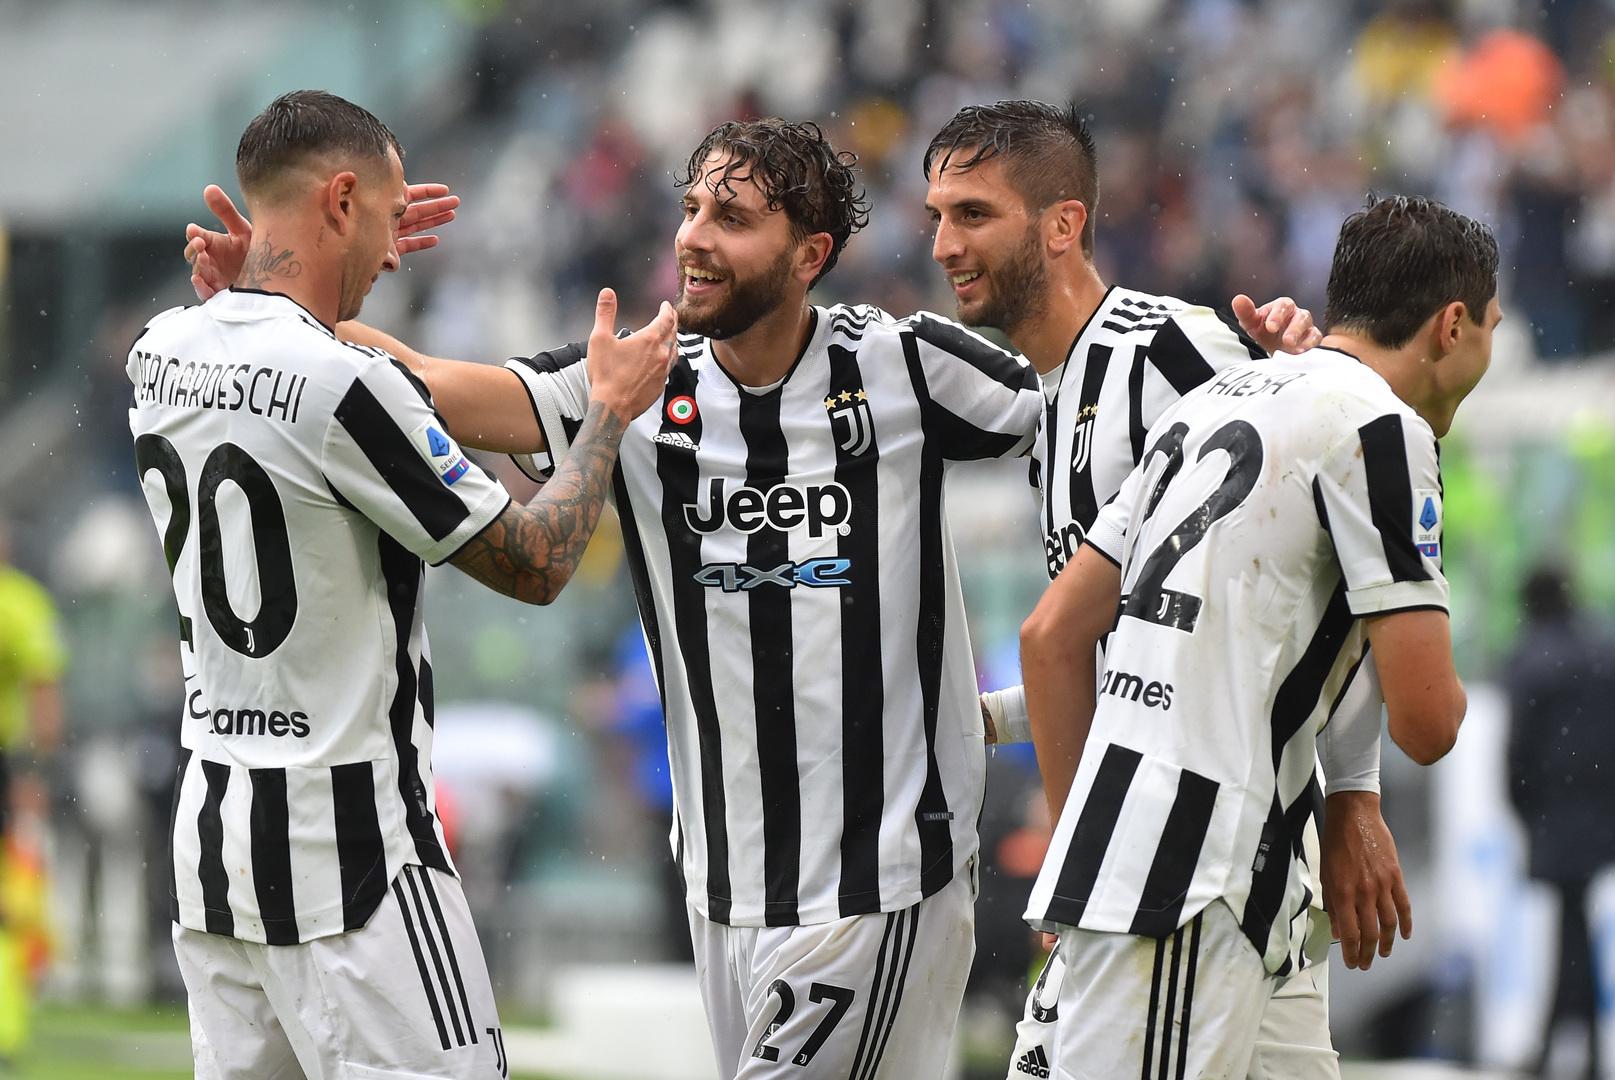 يوفنتوس يحقق فوزه الثاني بالدوري الإيطالي أمام سامبدوريا